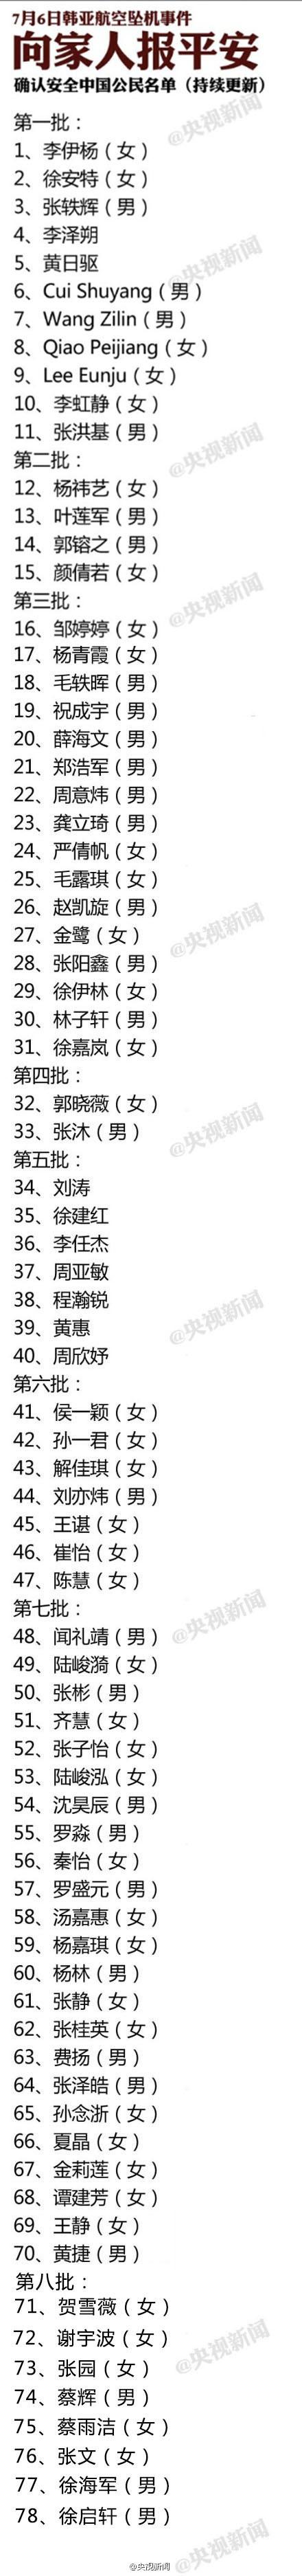 韩亚航班事故已确认安全78名中国公民名单